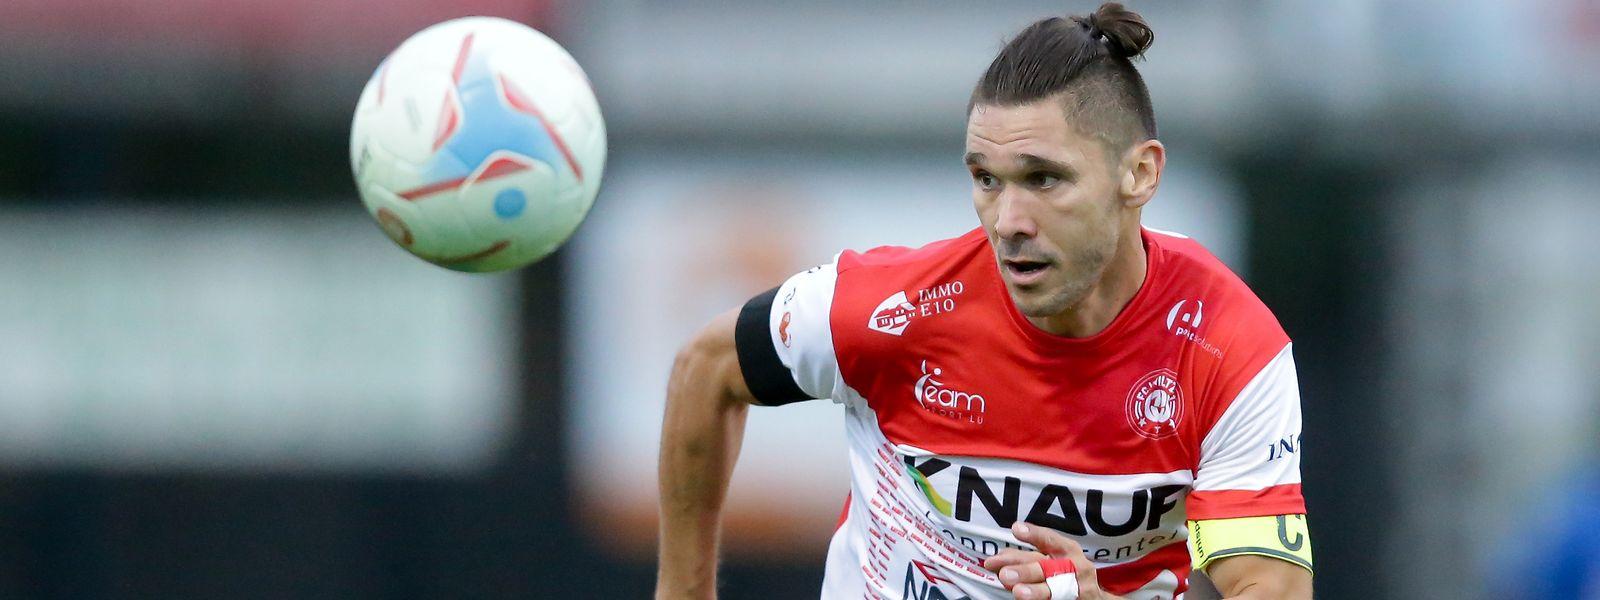 Le FC Wiltz et son capitaine Miguel Dachelet continuent d'épater la galerie en BGL Ligue